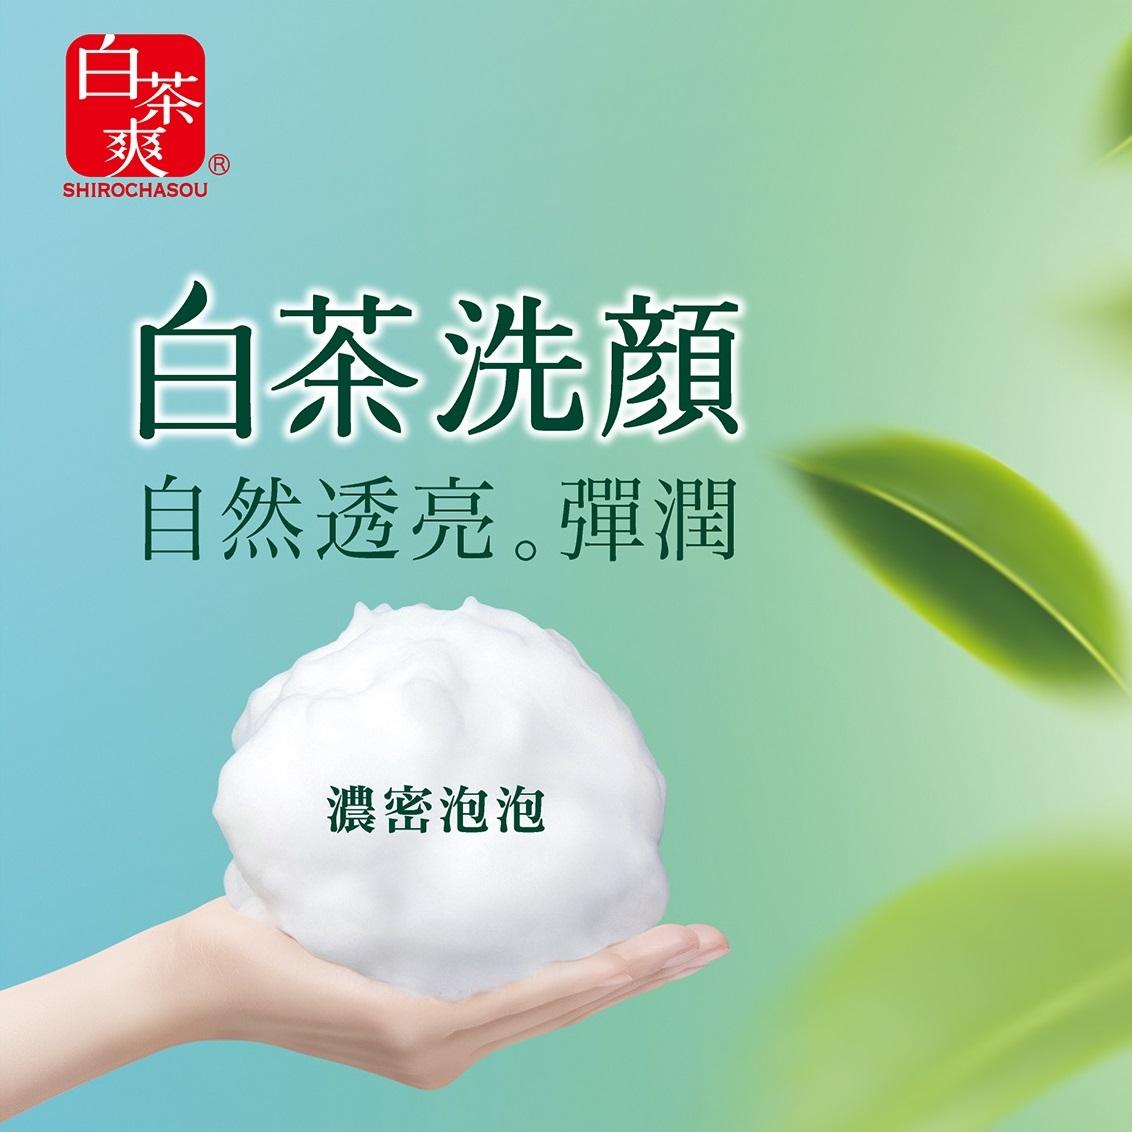 Bọt Rửa Mặt Trà Trắng Shirochasou Rohto White Tea Foaming Wash có thành phần từ thiên nhiên, không chất bảo quản Paraben gây hại, rất an toàn và lành tính cho da.